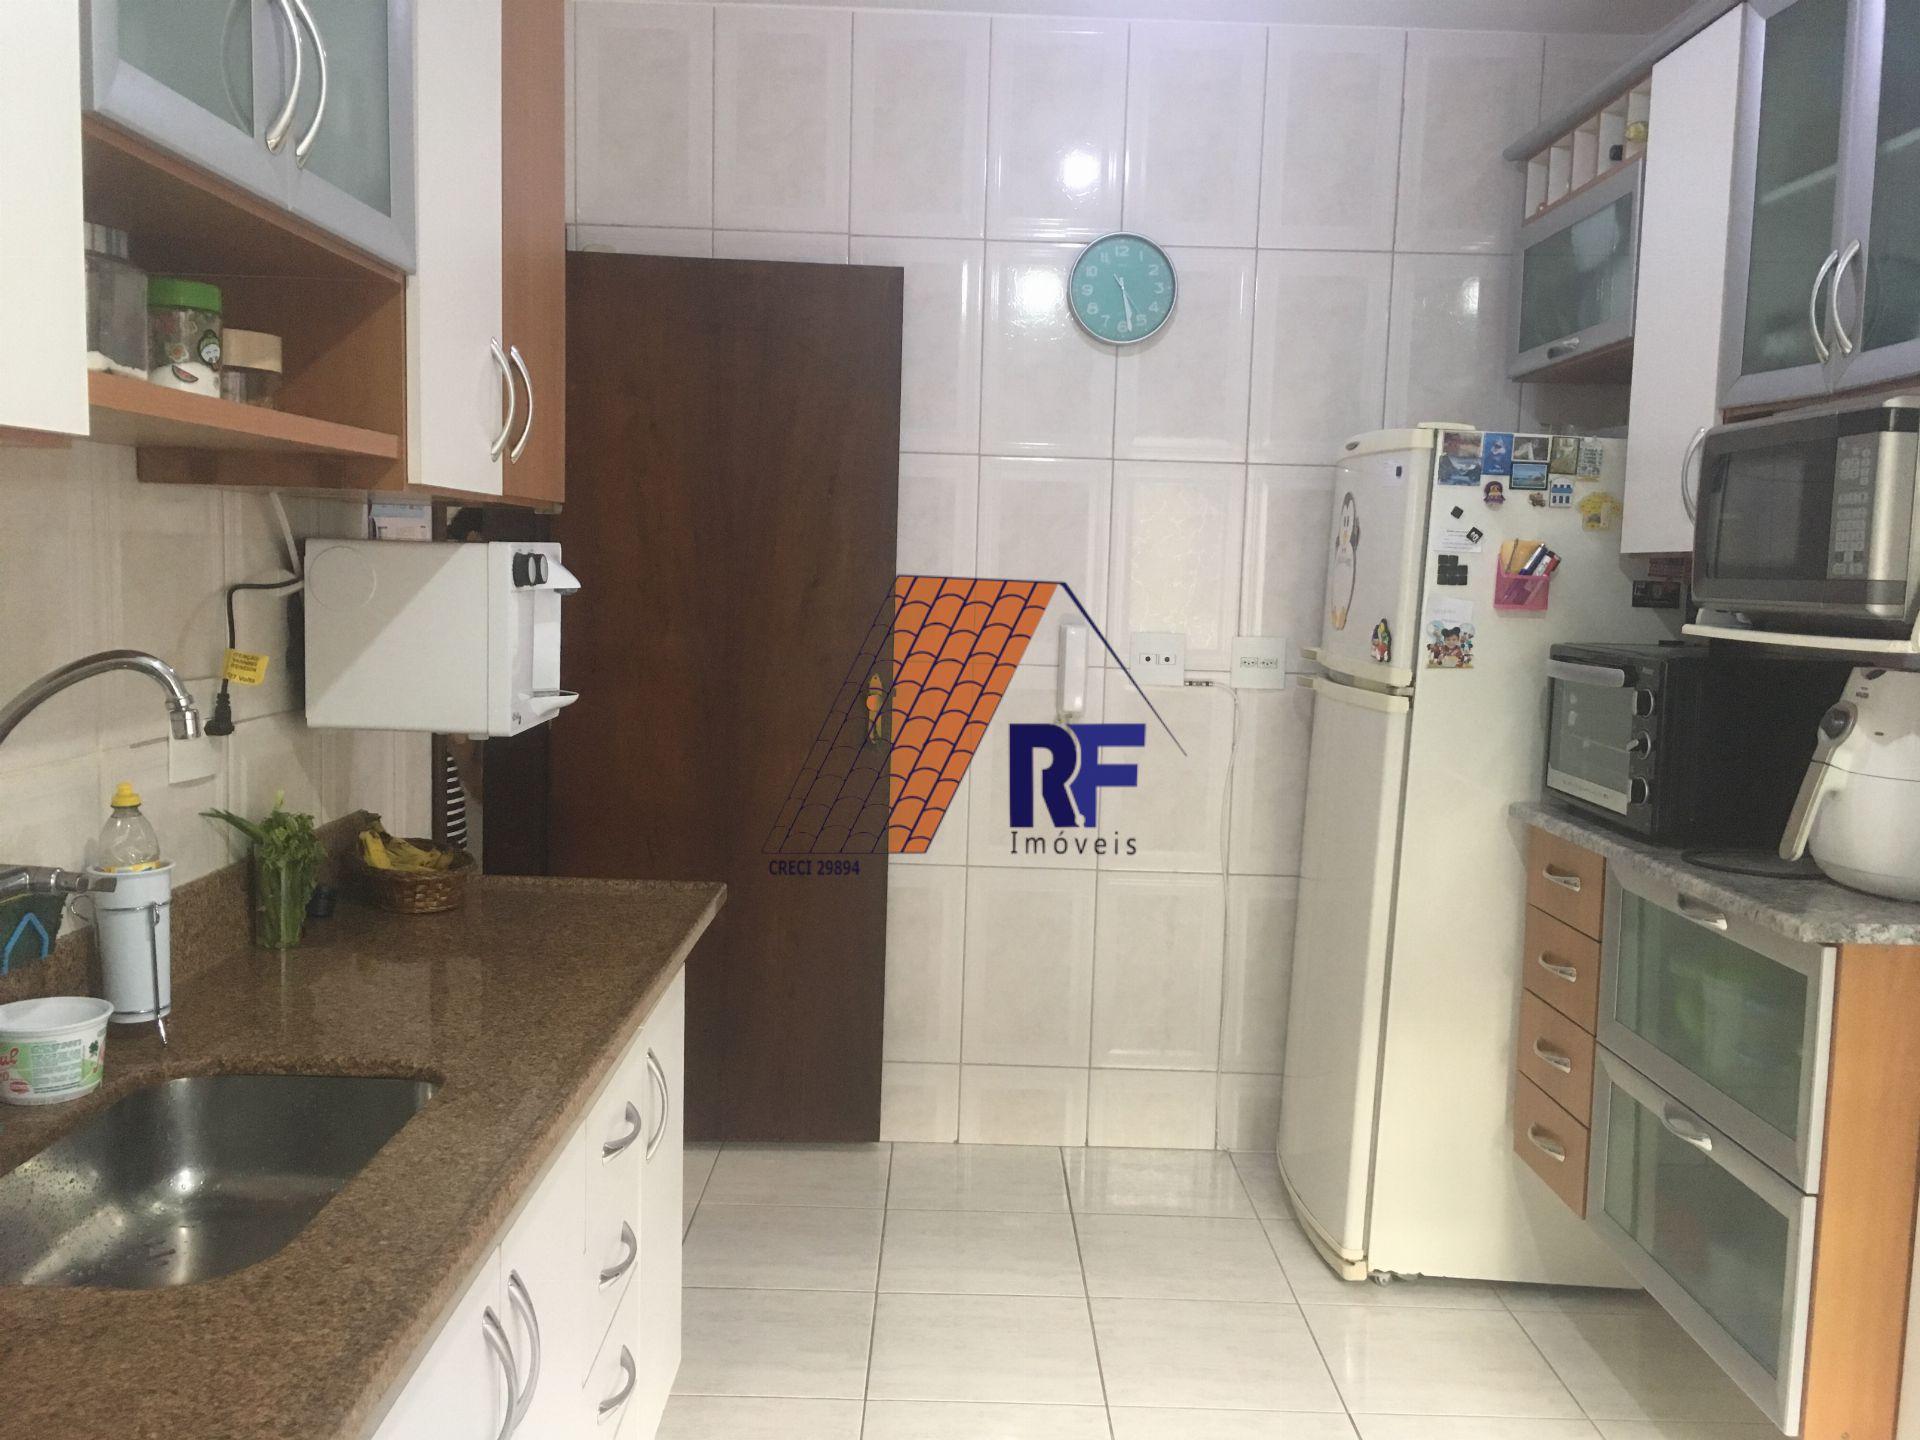 FOTO 4 - Apartamento à venda Rua Águas Mornas,Vila Valqueire, Rio de Janeiro - R$ 580.000 - RF130 - 5